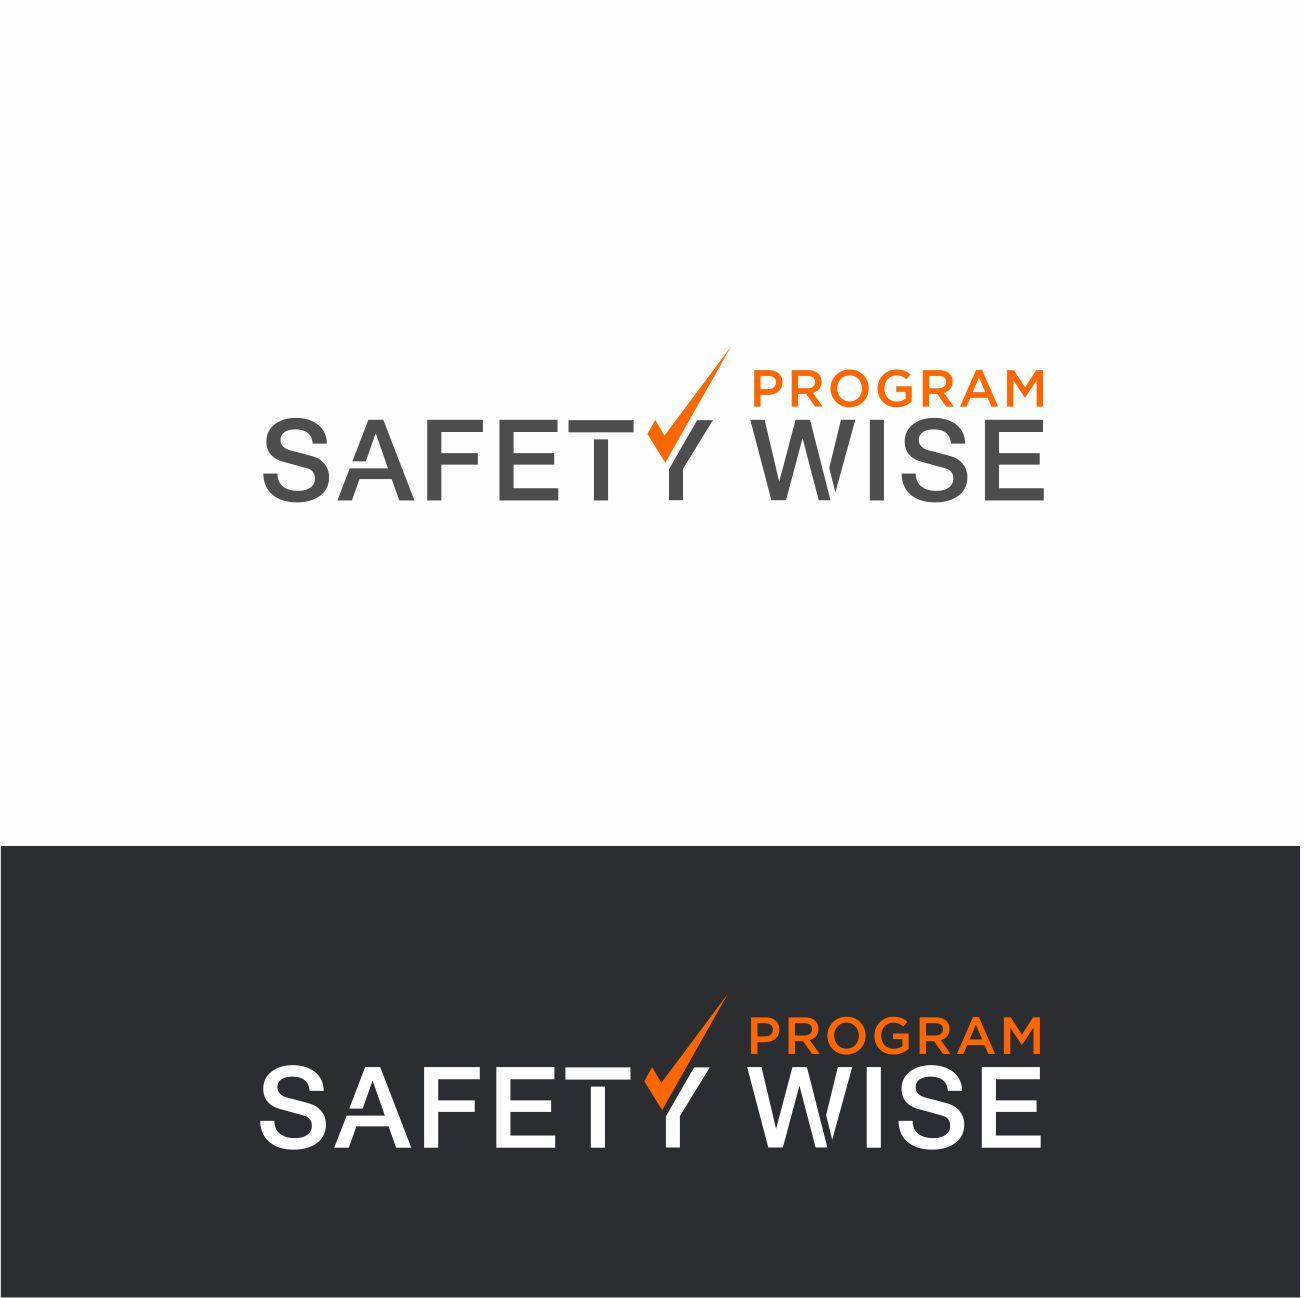 Logo Design by RasYa Muhammad Athaya - Entry No. 137 in the Logo Design Contest New Logo Design for Safety Wise Program.